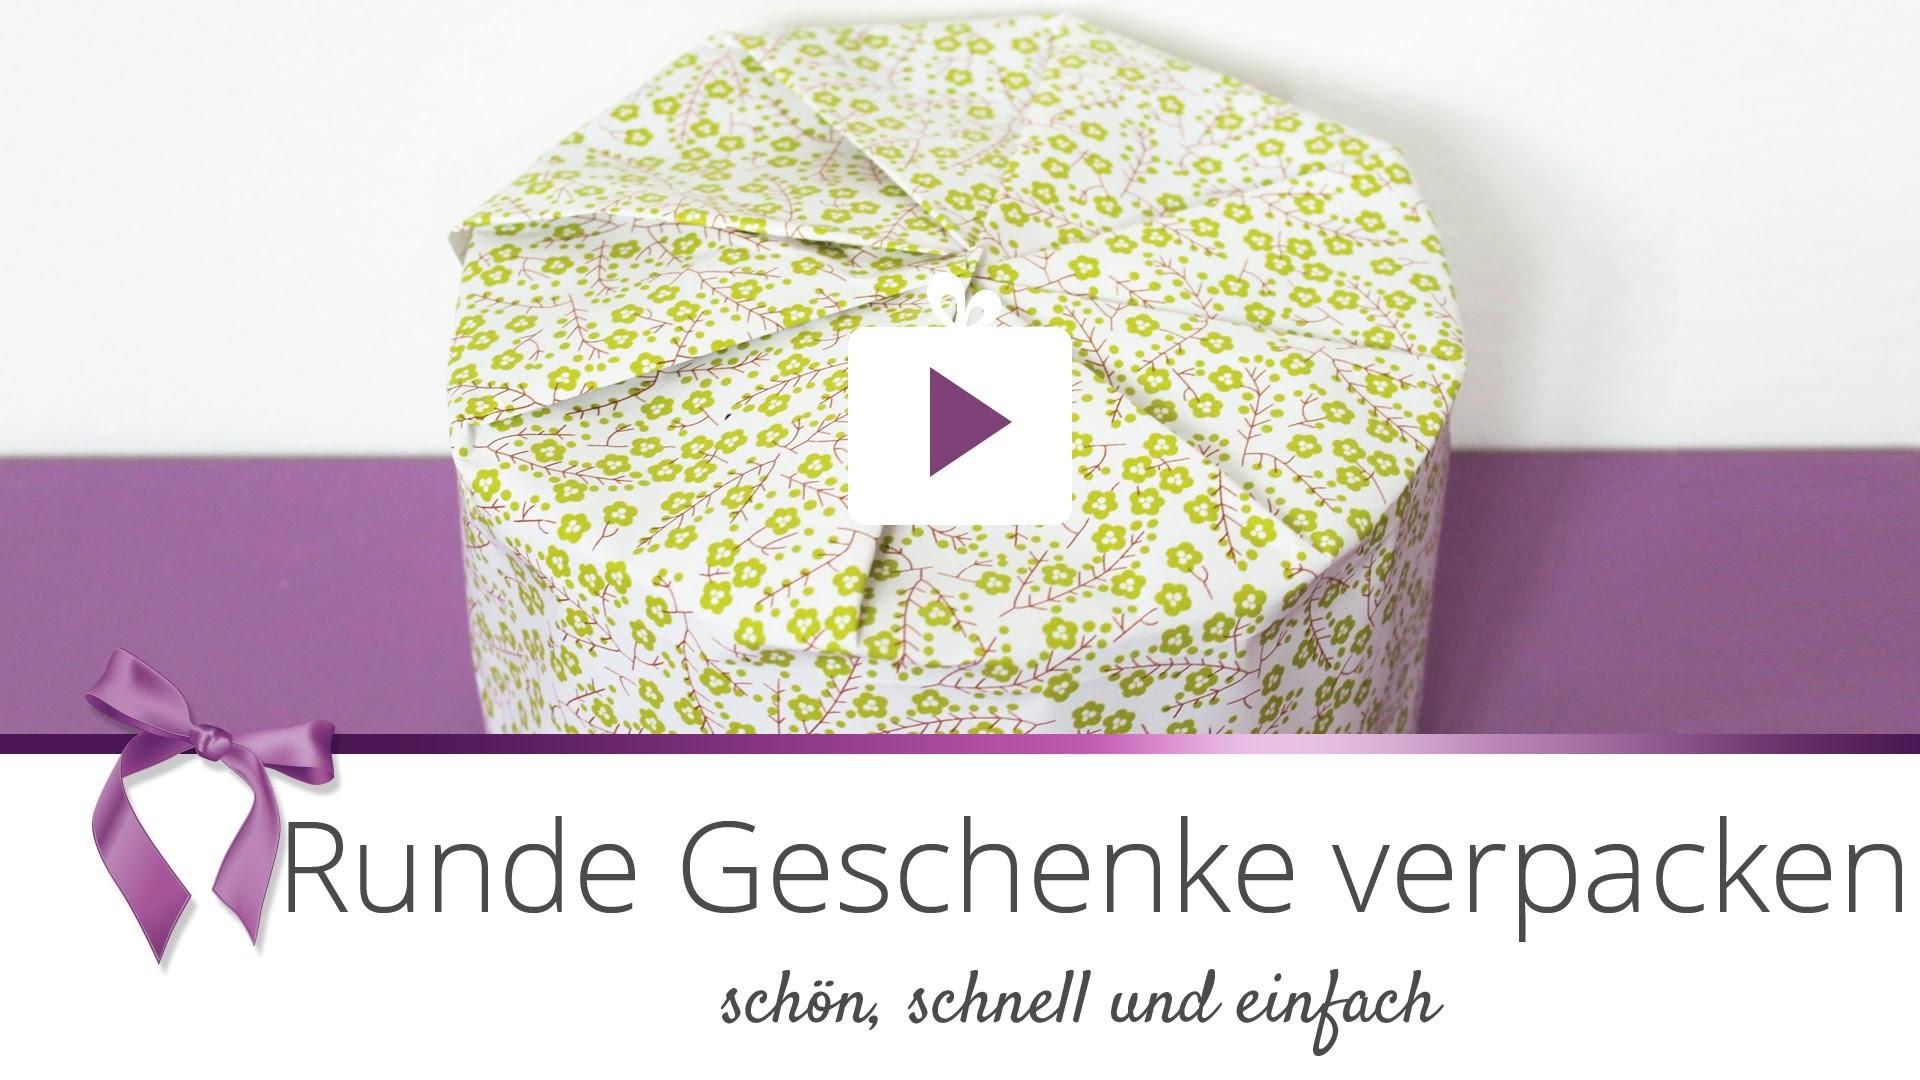 [Geschenke] Runde Geschenke verpacken | DANATO